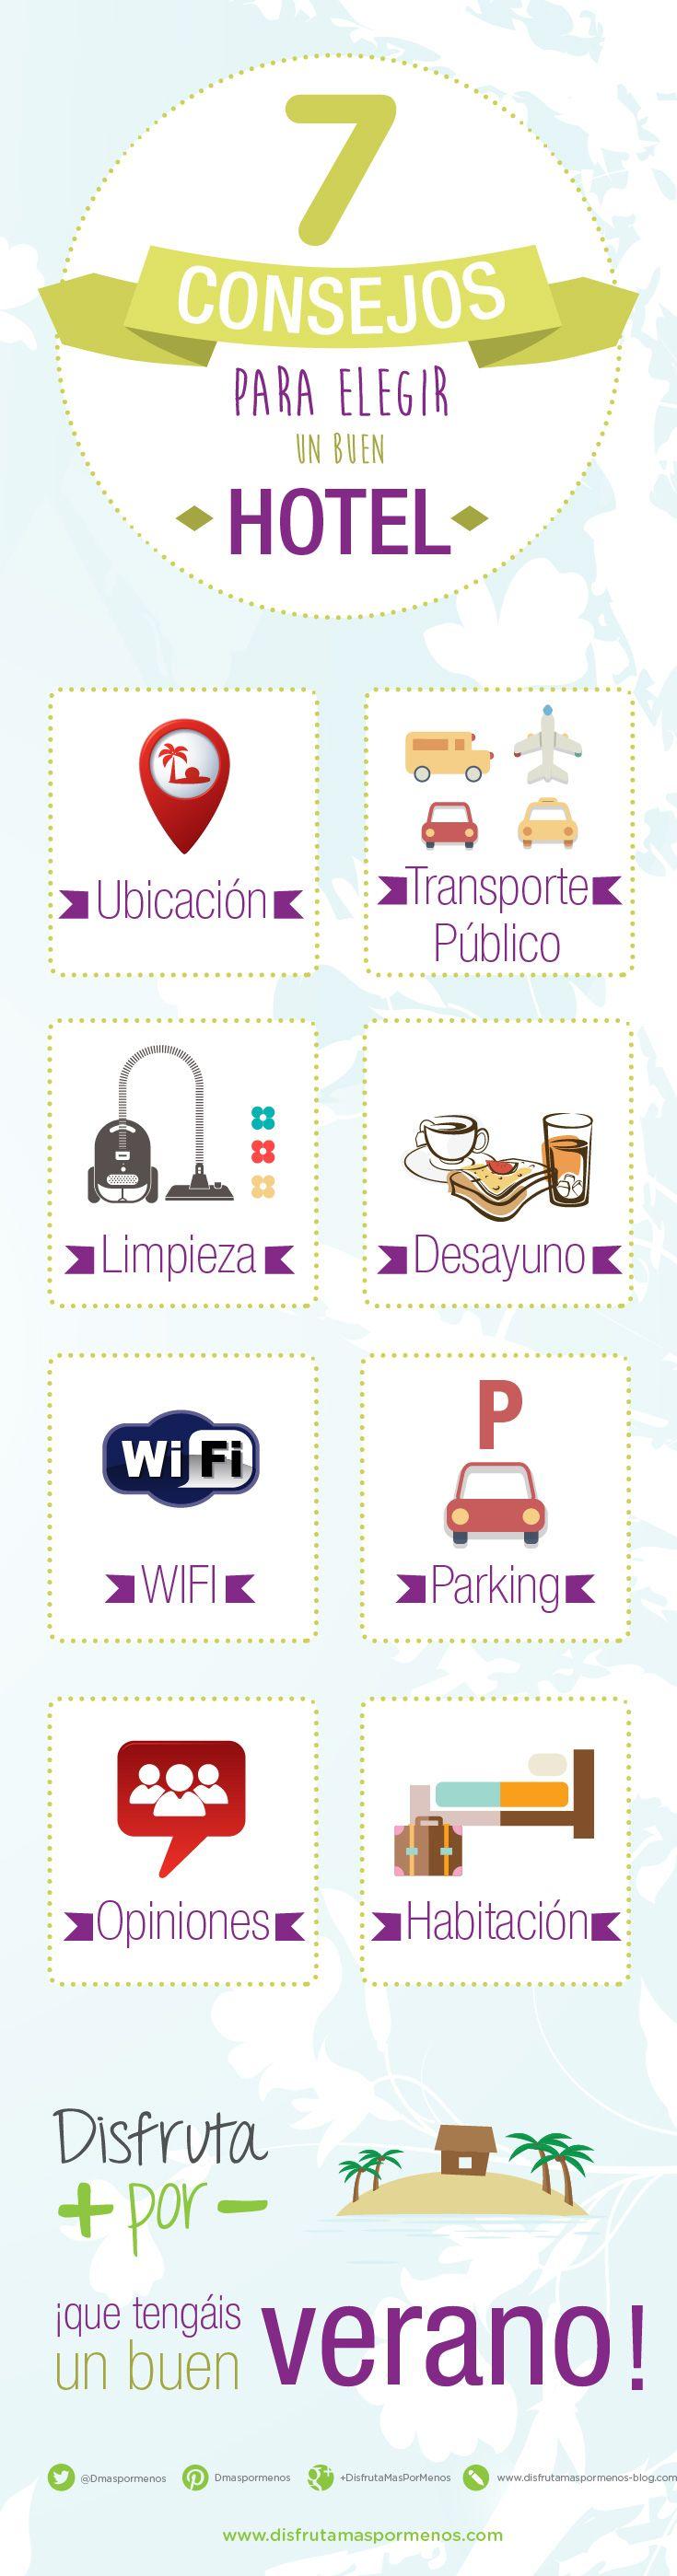 7 consejos para elegir un buen hotel (infografía) - disfrutamaspormenos disfruta+por-